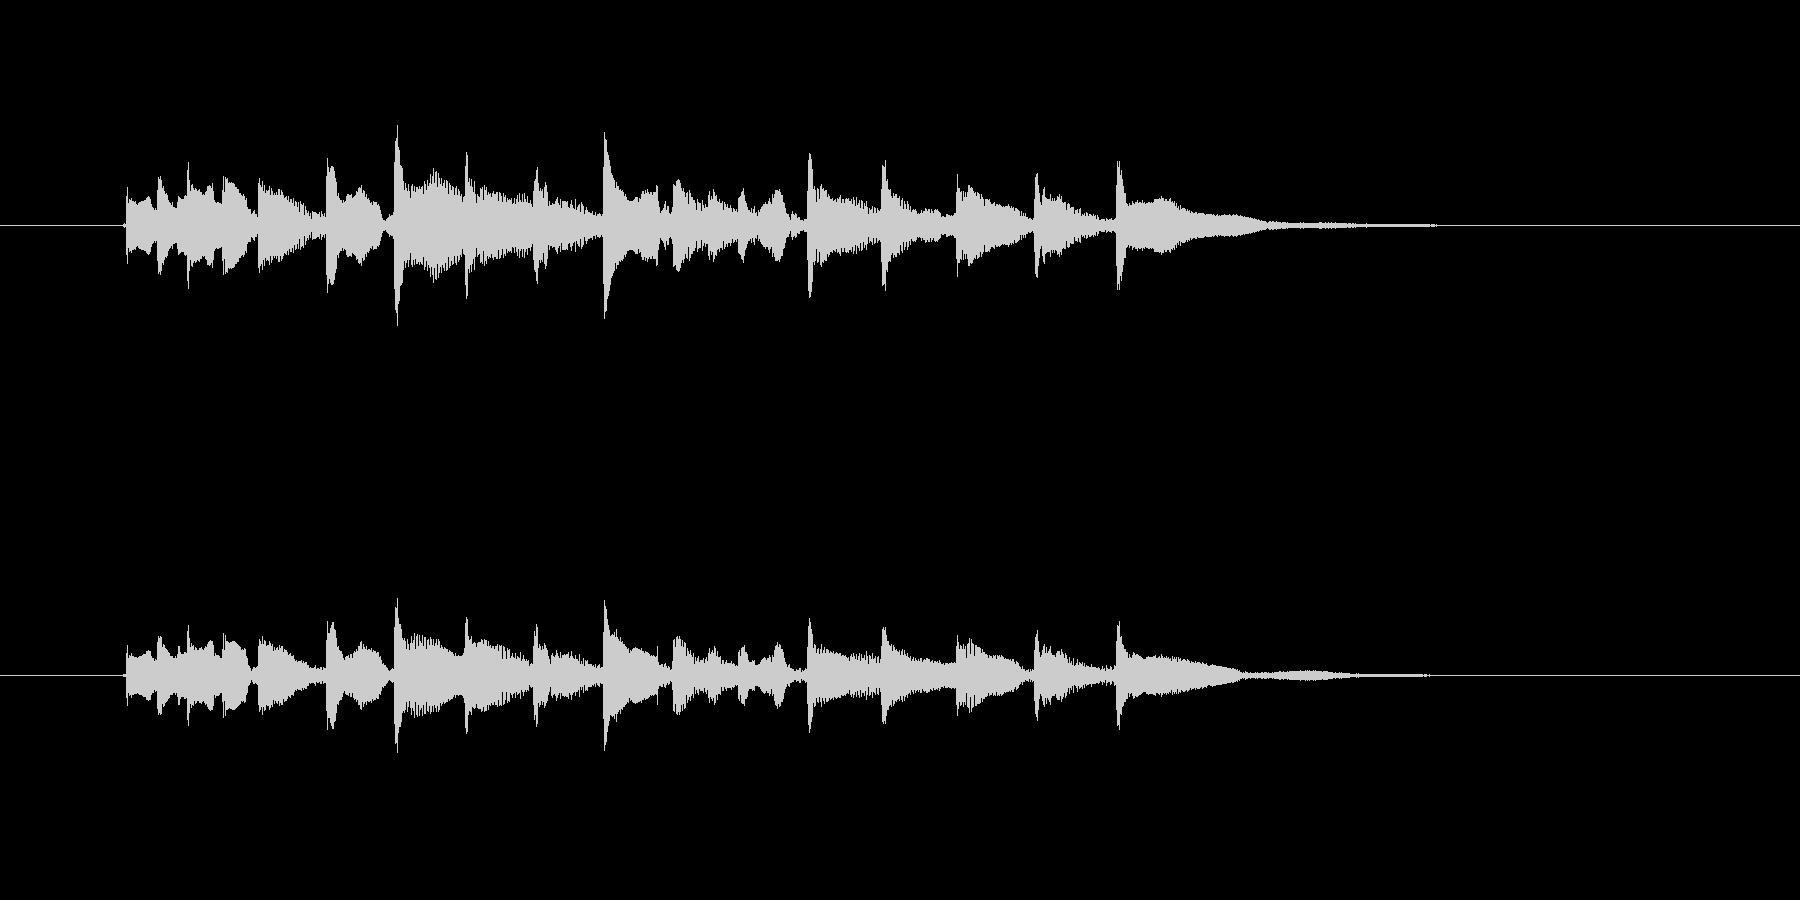 チャラララン(テンポの速い明るい三味線)の未再生の波形